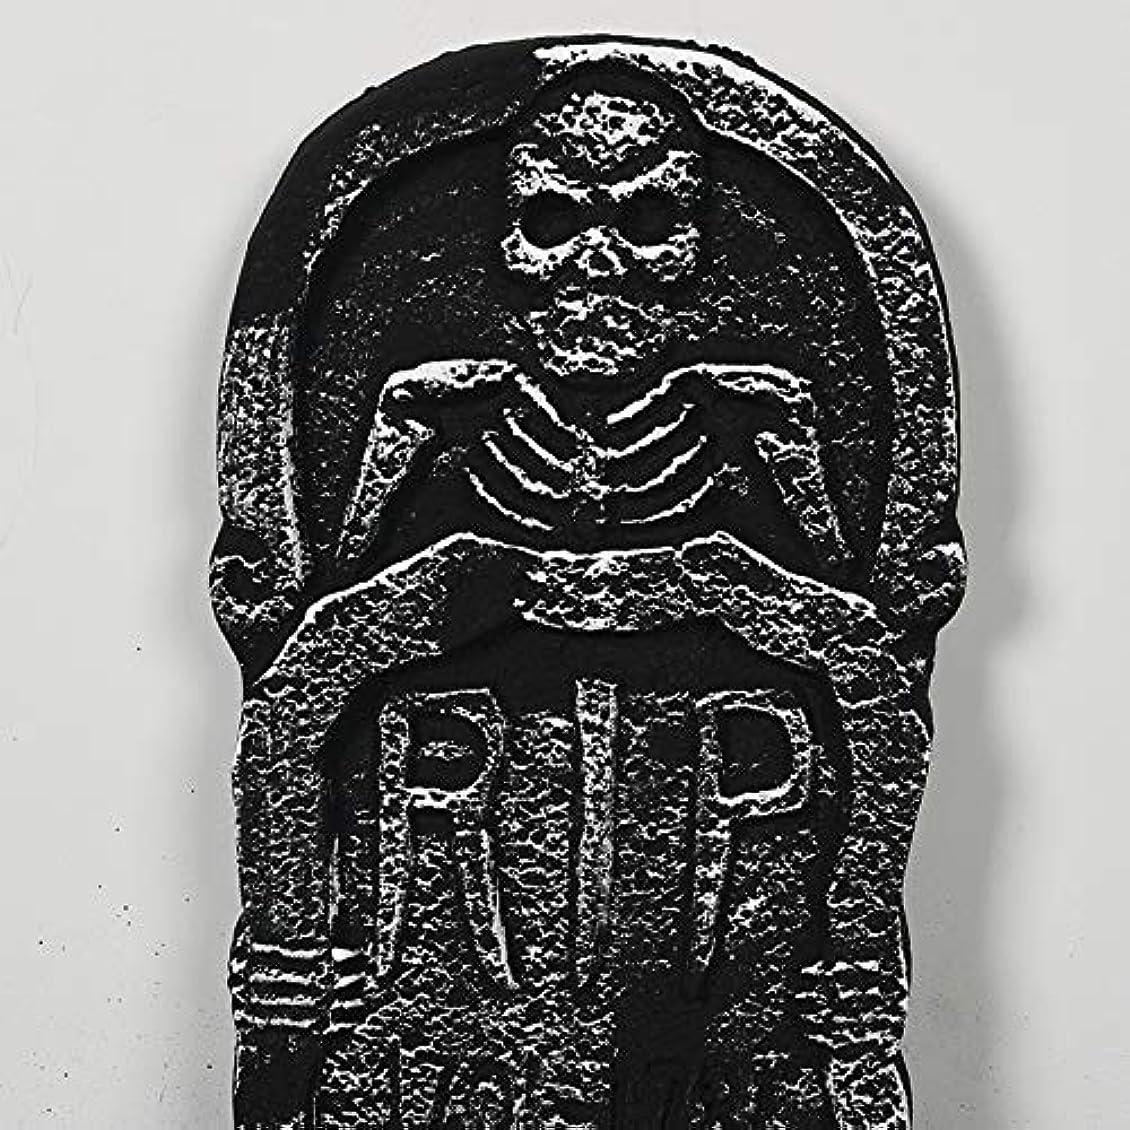 やさしく仮装渇きETRRUU HOME 4ピース三次元墓石ハロウィーン装飾バーお化け屋敷の秘密の部屋怖い装飾パーティー雰囲気レイアウト小道具